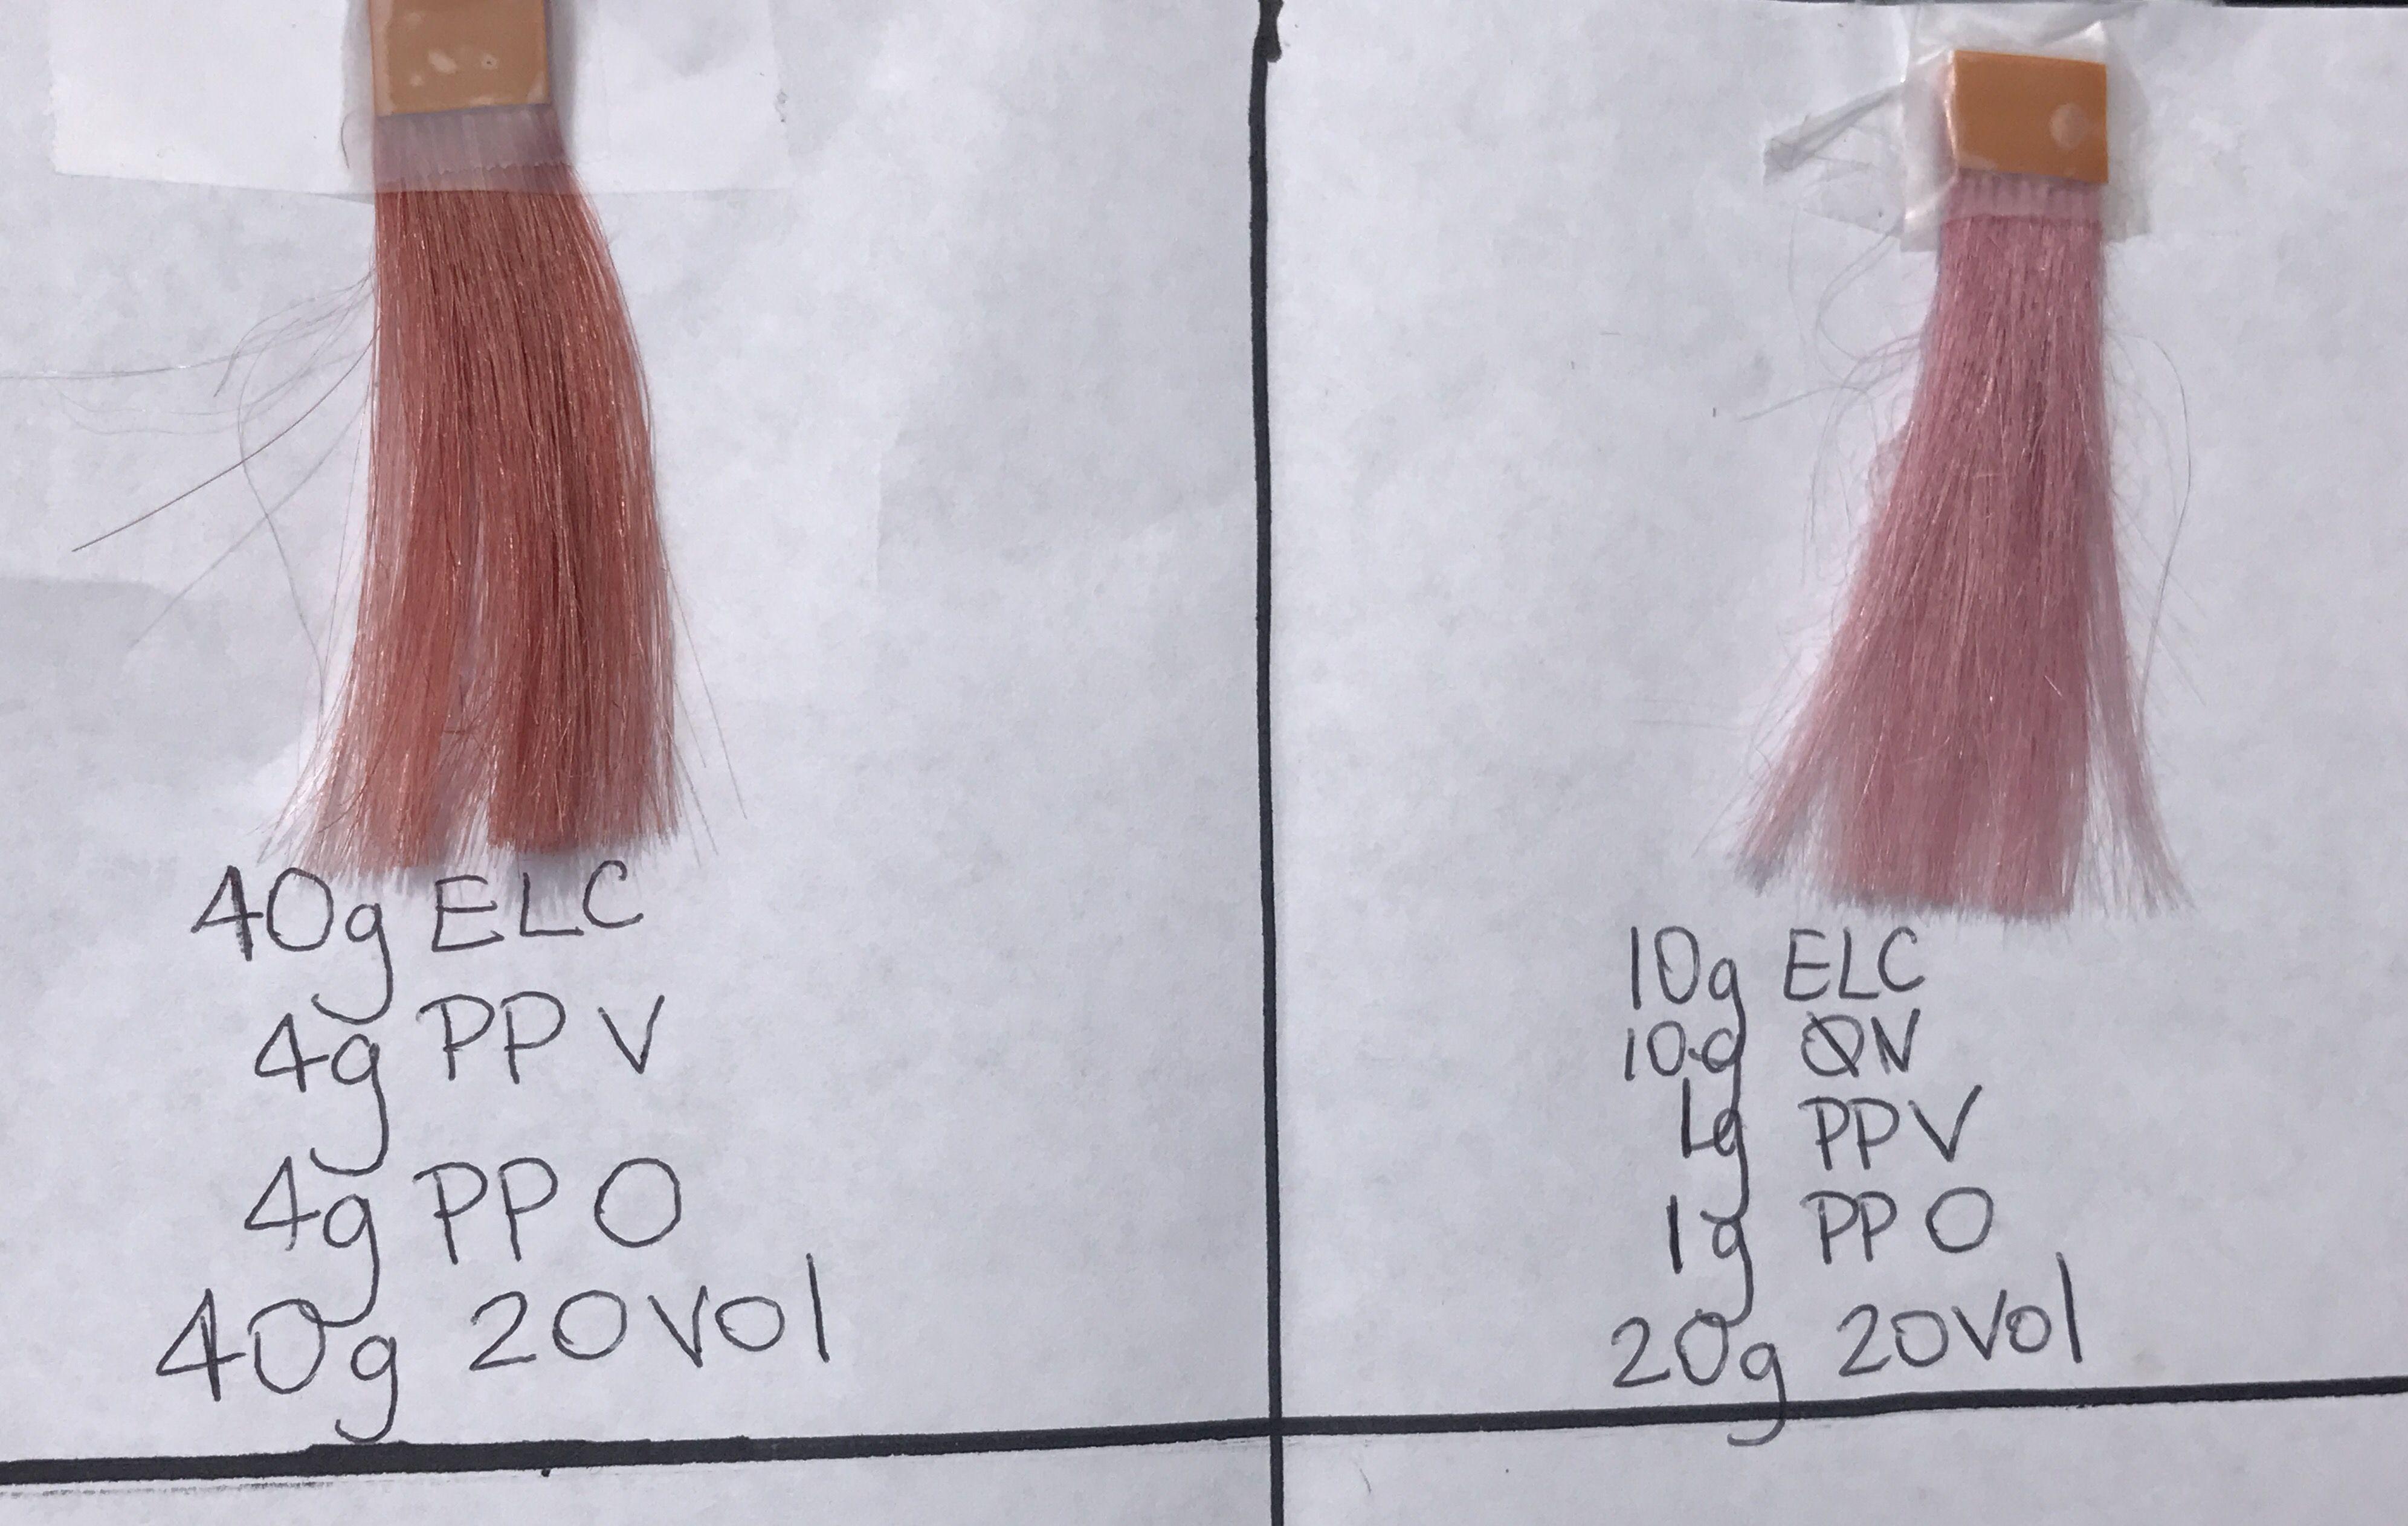 Aveda rose gold, rosé, pink formula  Formulas done on pivot point